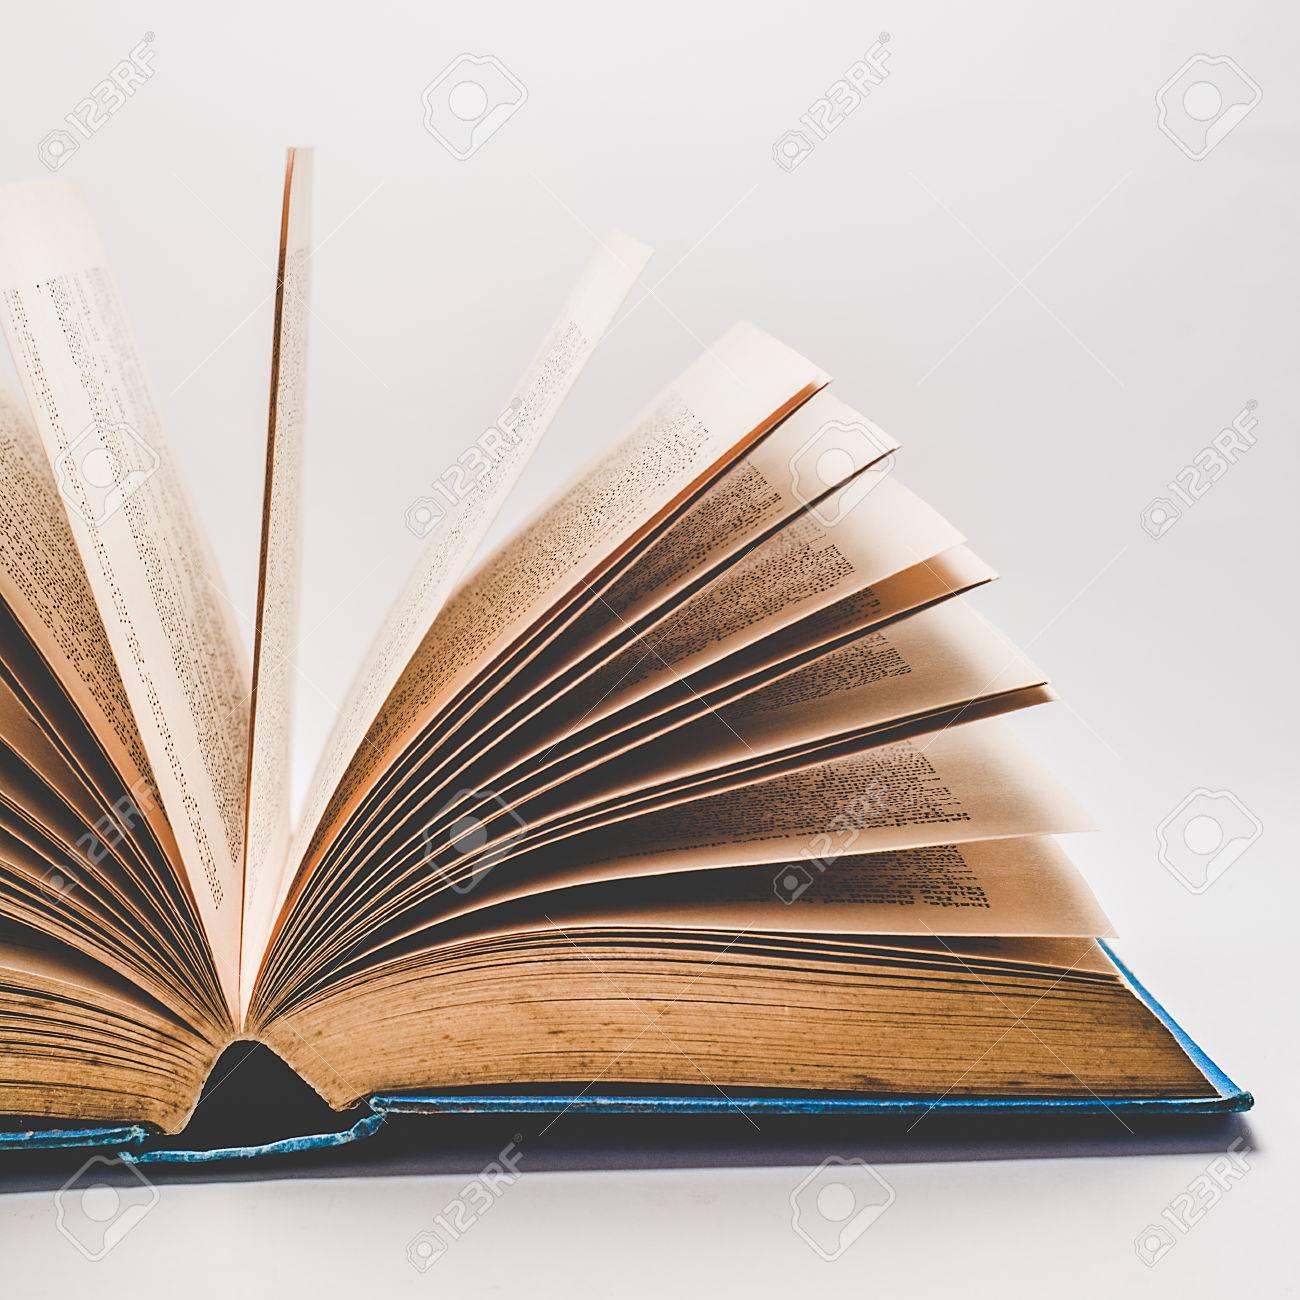 Un Vieux Livre D Histoire Ouvert Sur Un Fond Blanc Avec Les Pages En Eventail